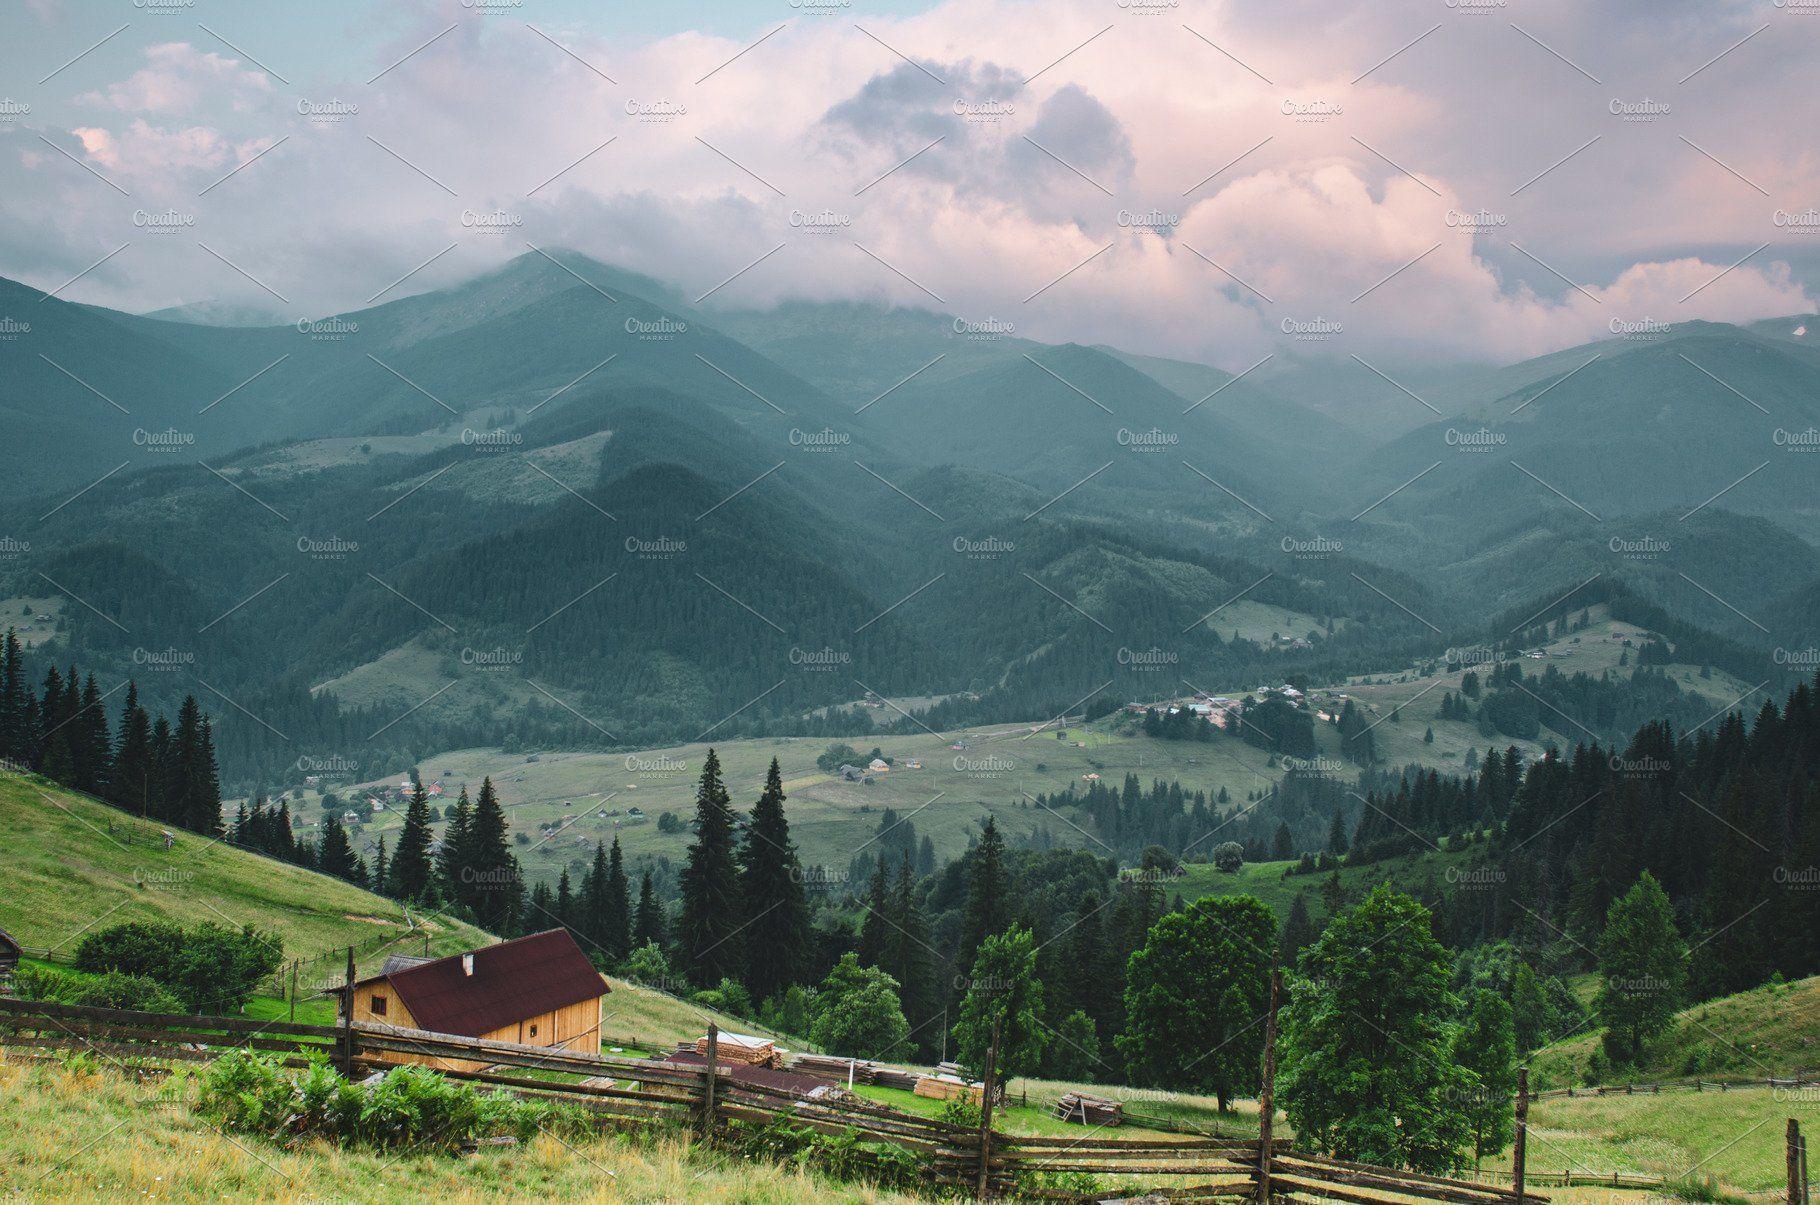 Carpathian Mountain Landscape Summer Landscape Mountain Landscape Landscape